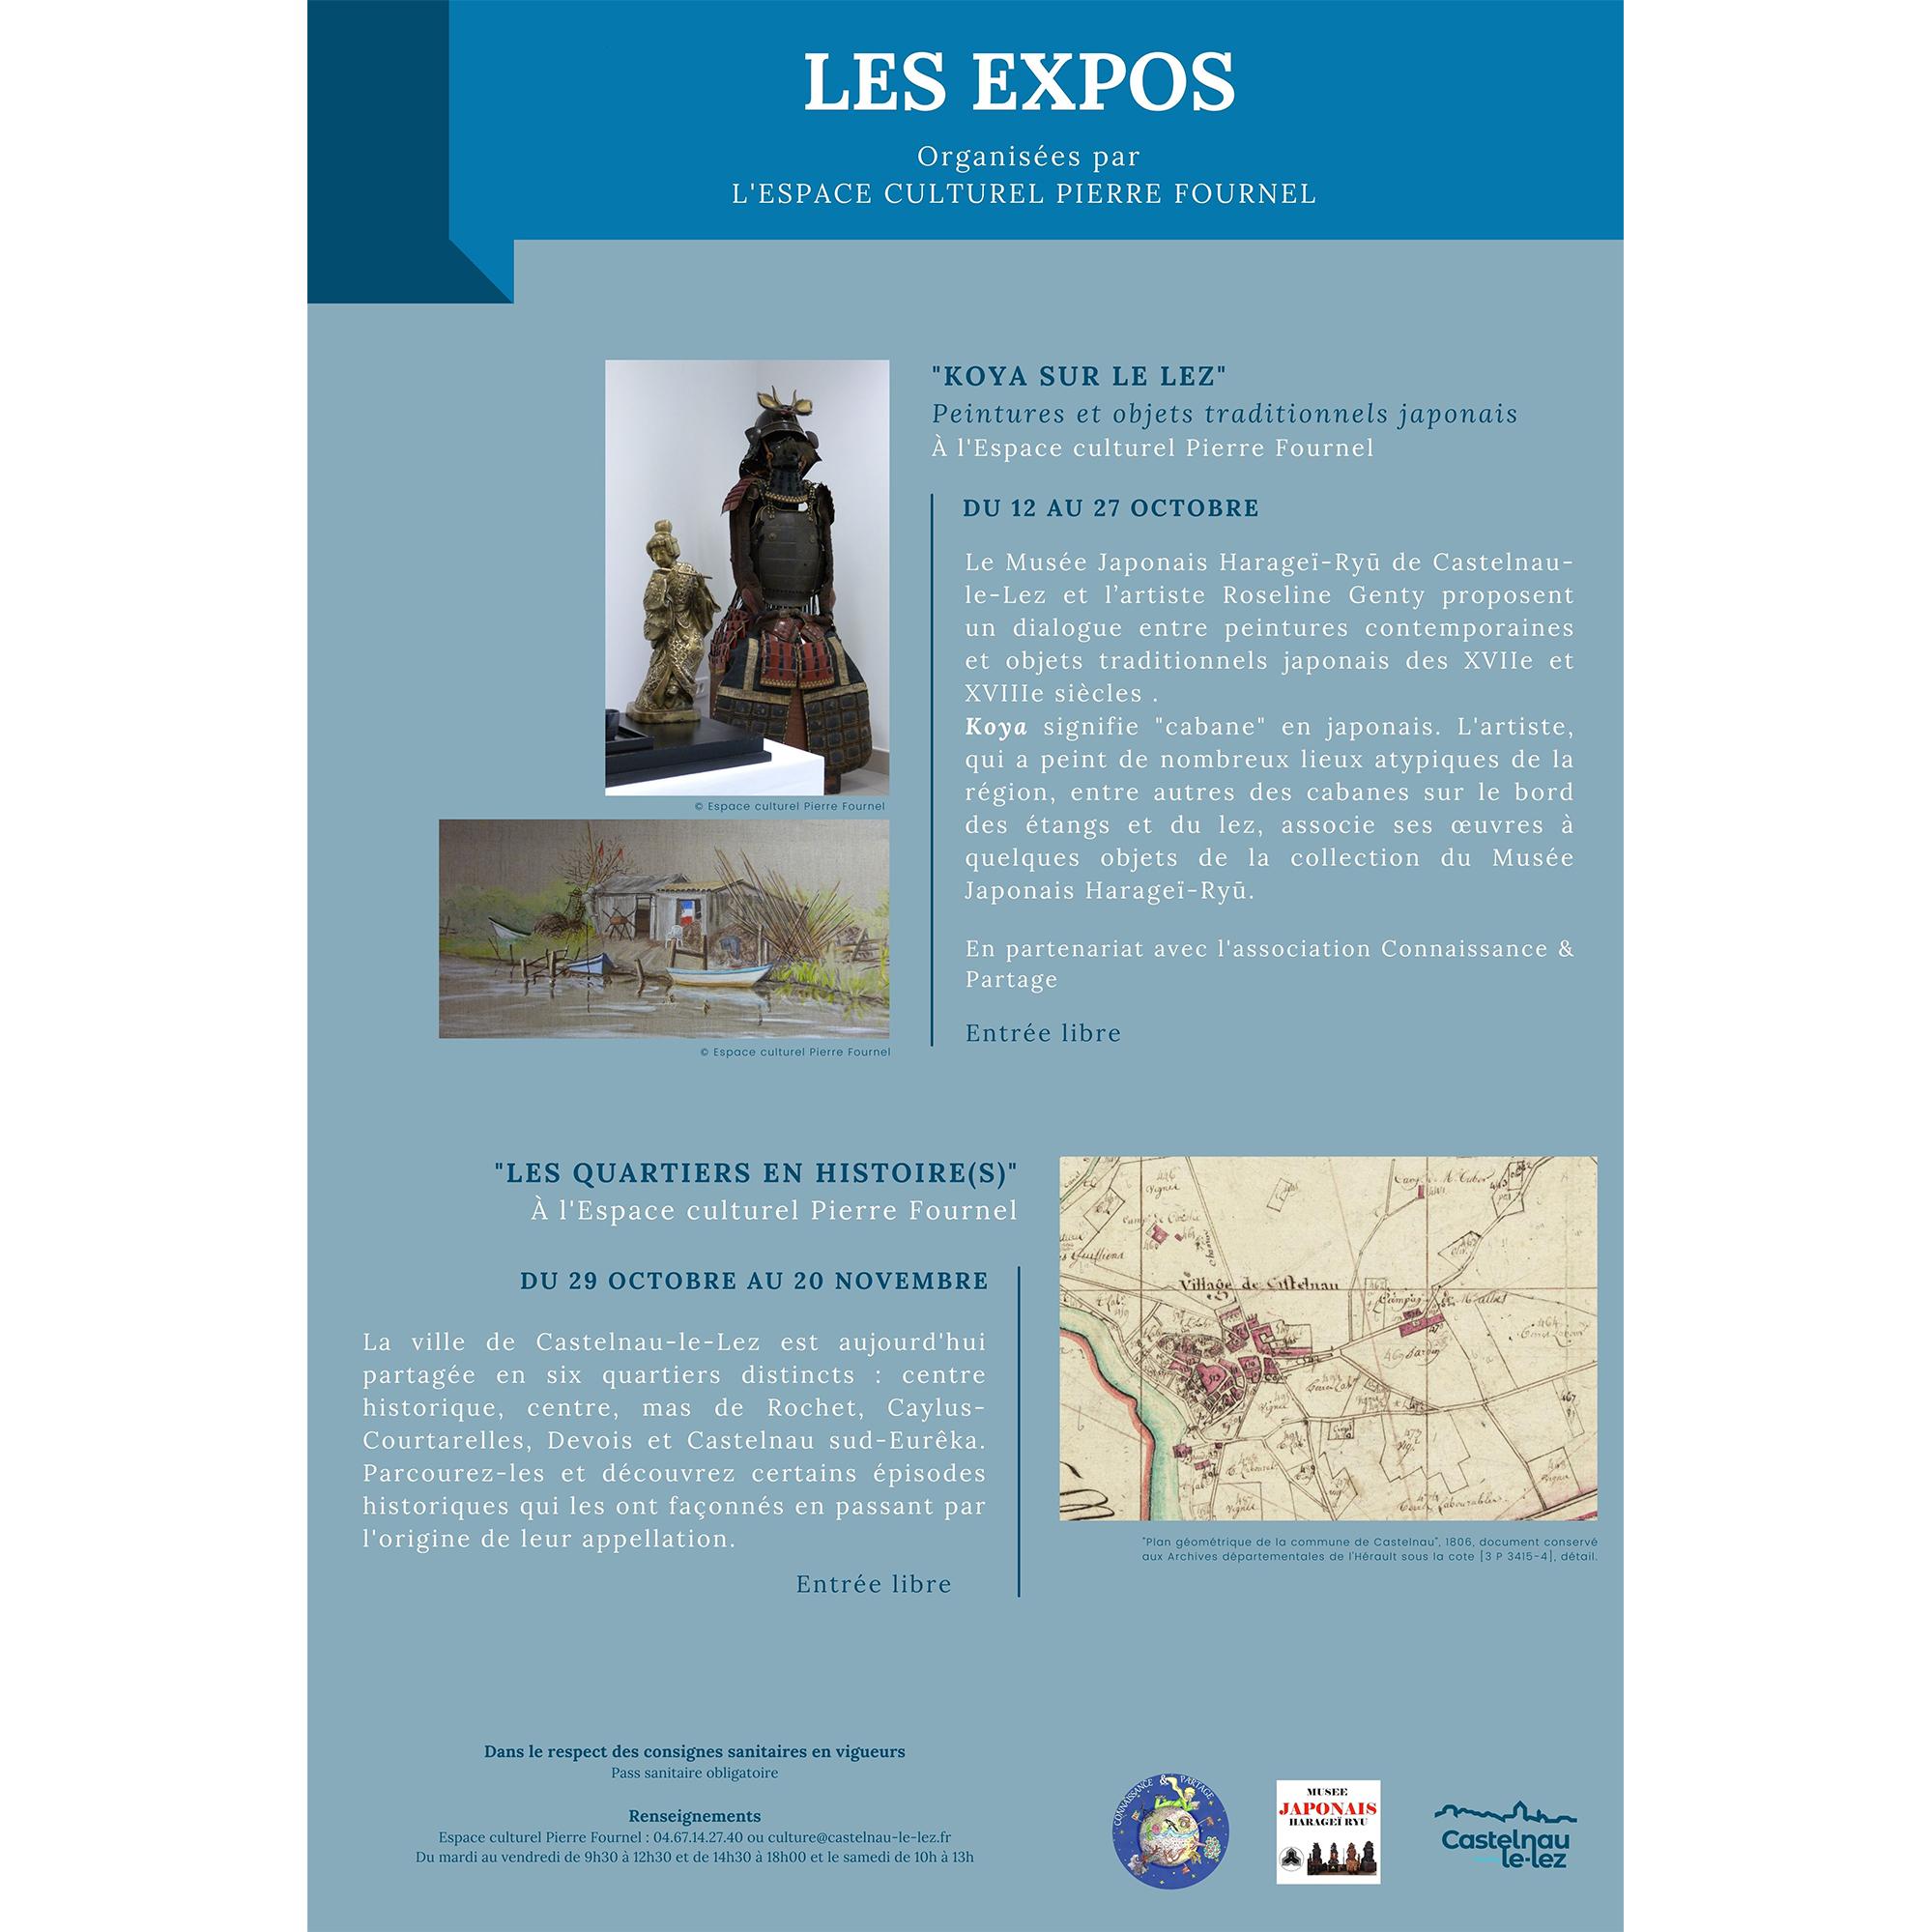 Les expositions d'automne à l'espace culturel Pierre Fournel